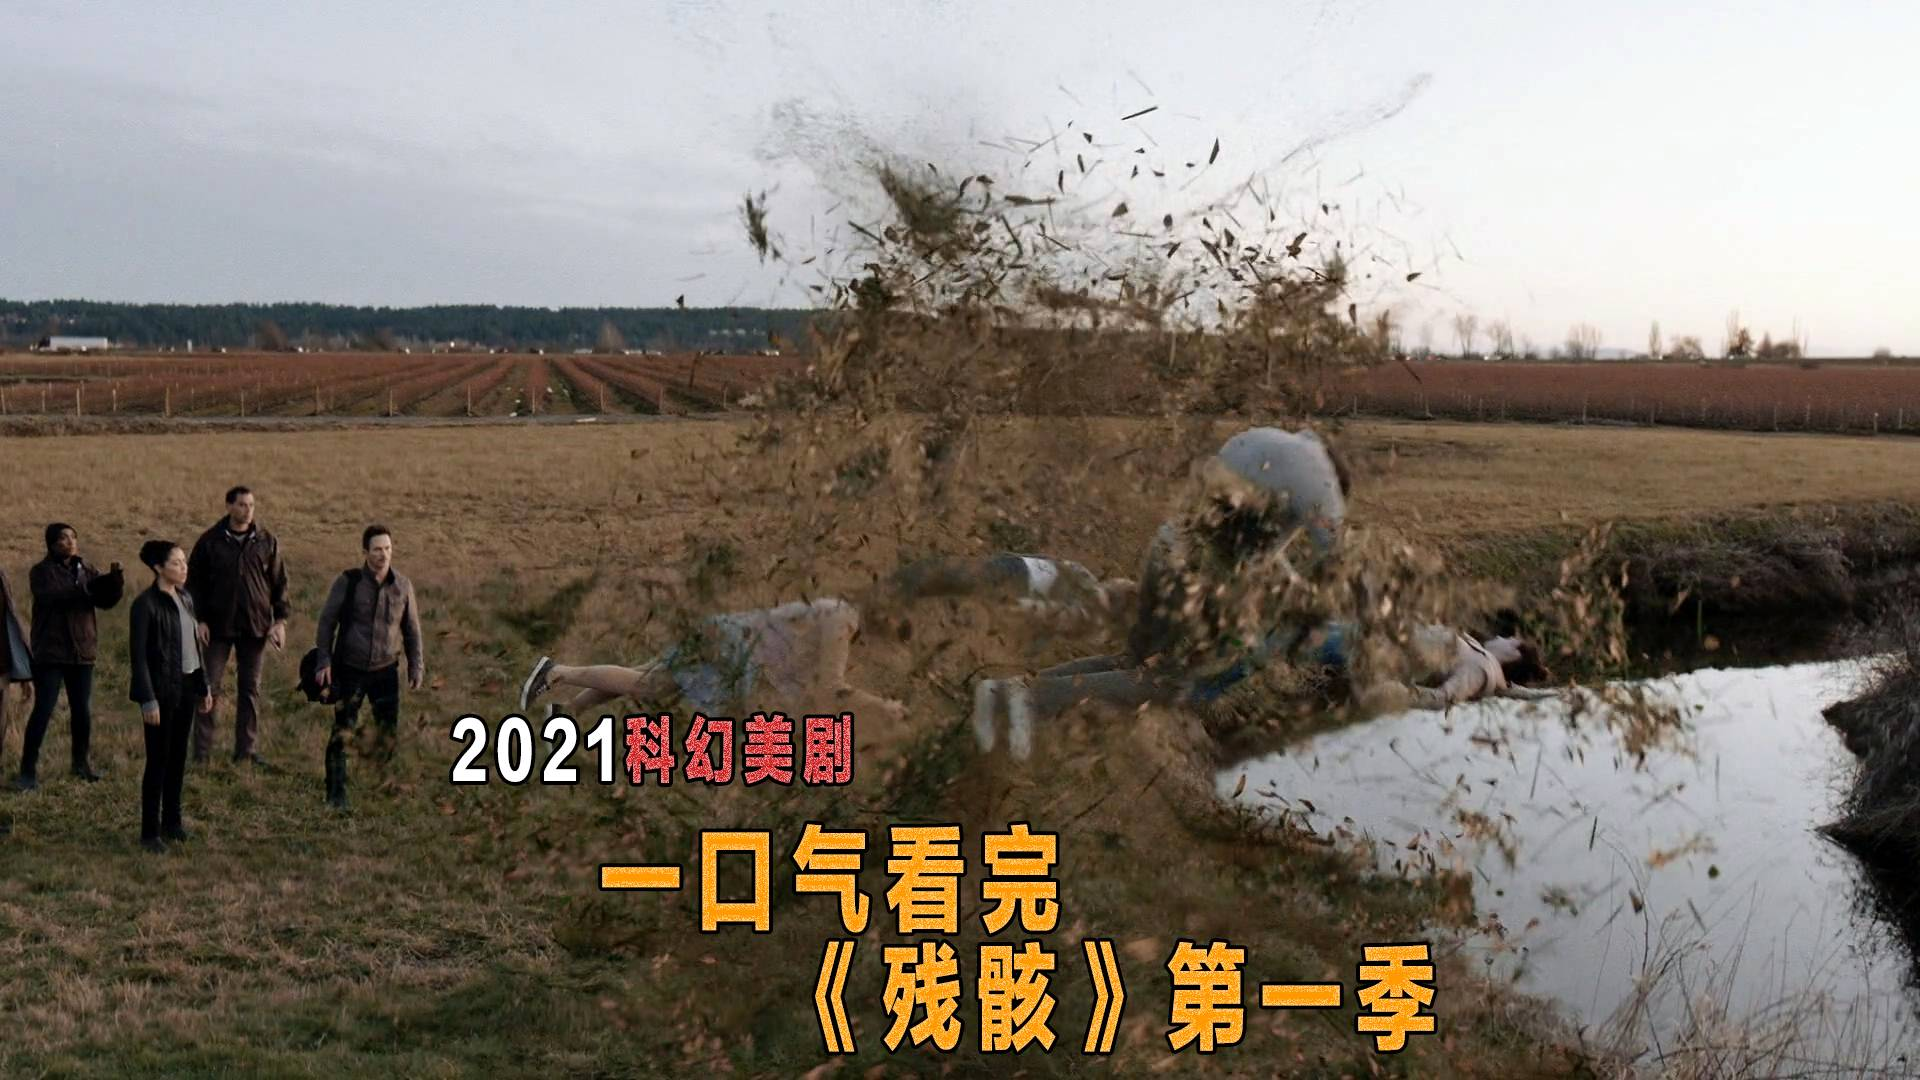 一口气看完2021悬疑科幻美剧《残骸》第一季!